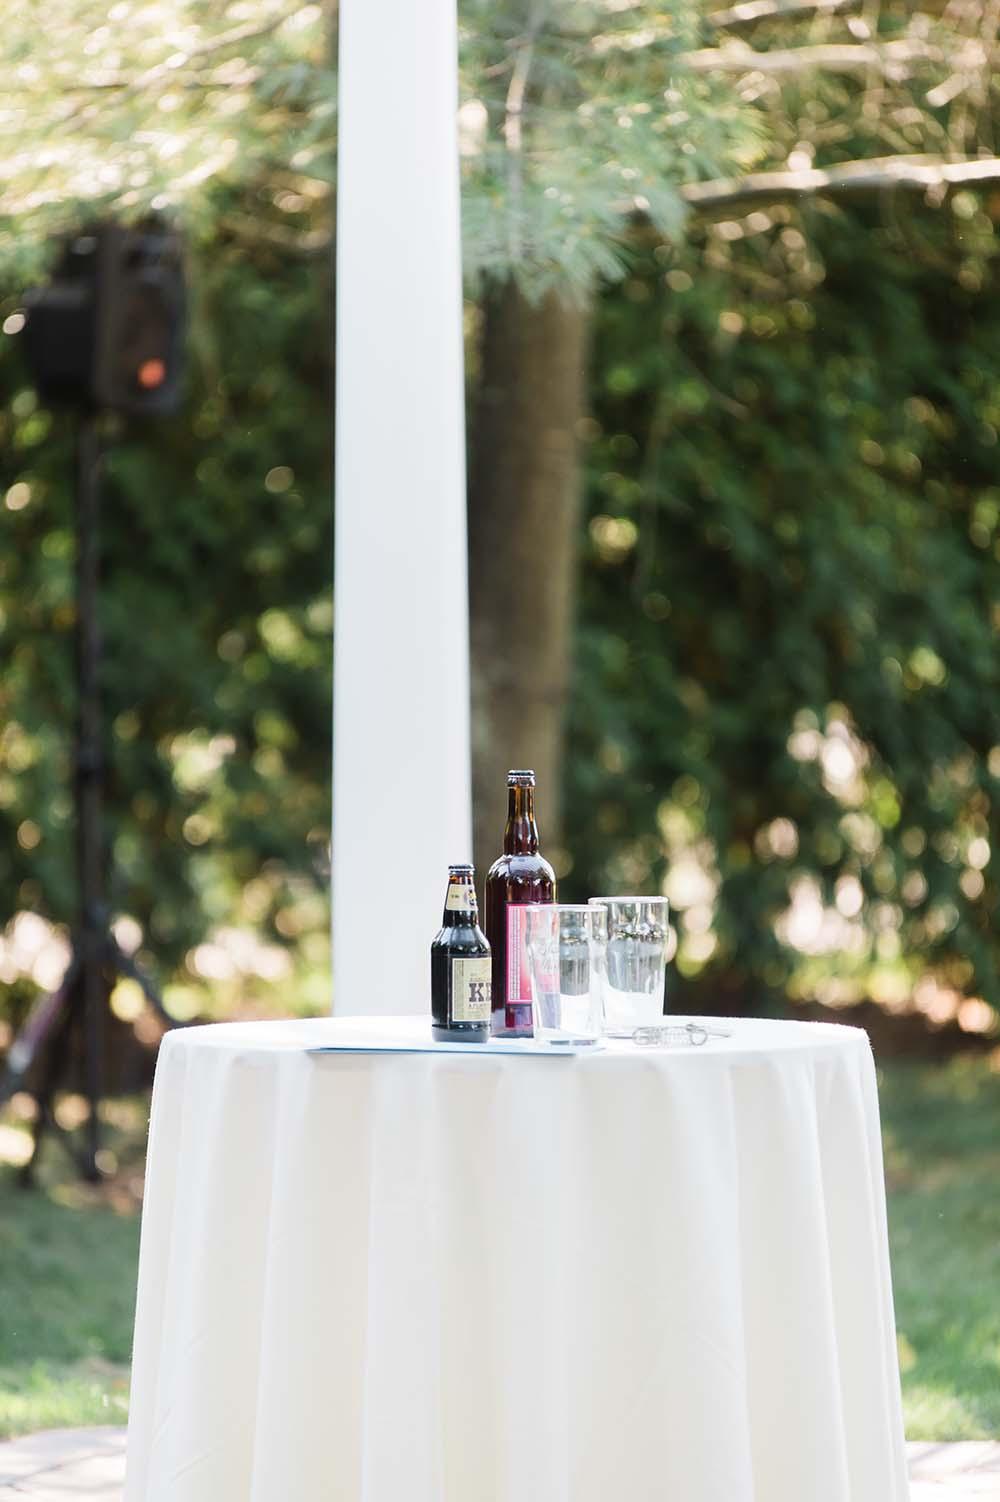 farmington-gardens-wedding-greg-lewis-photography-17